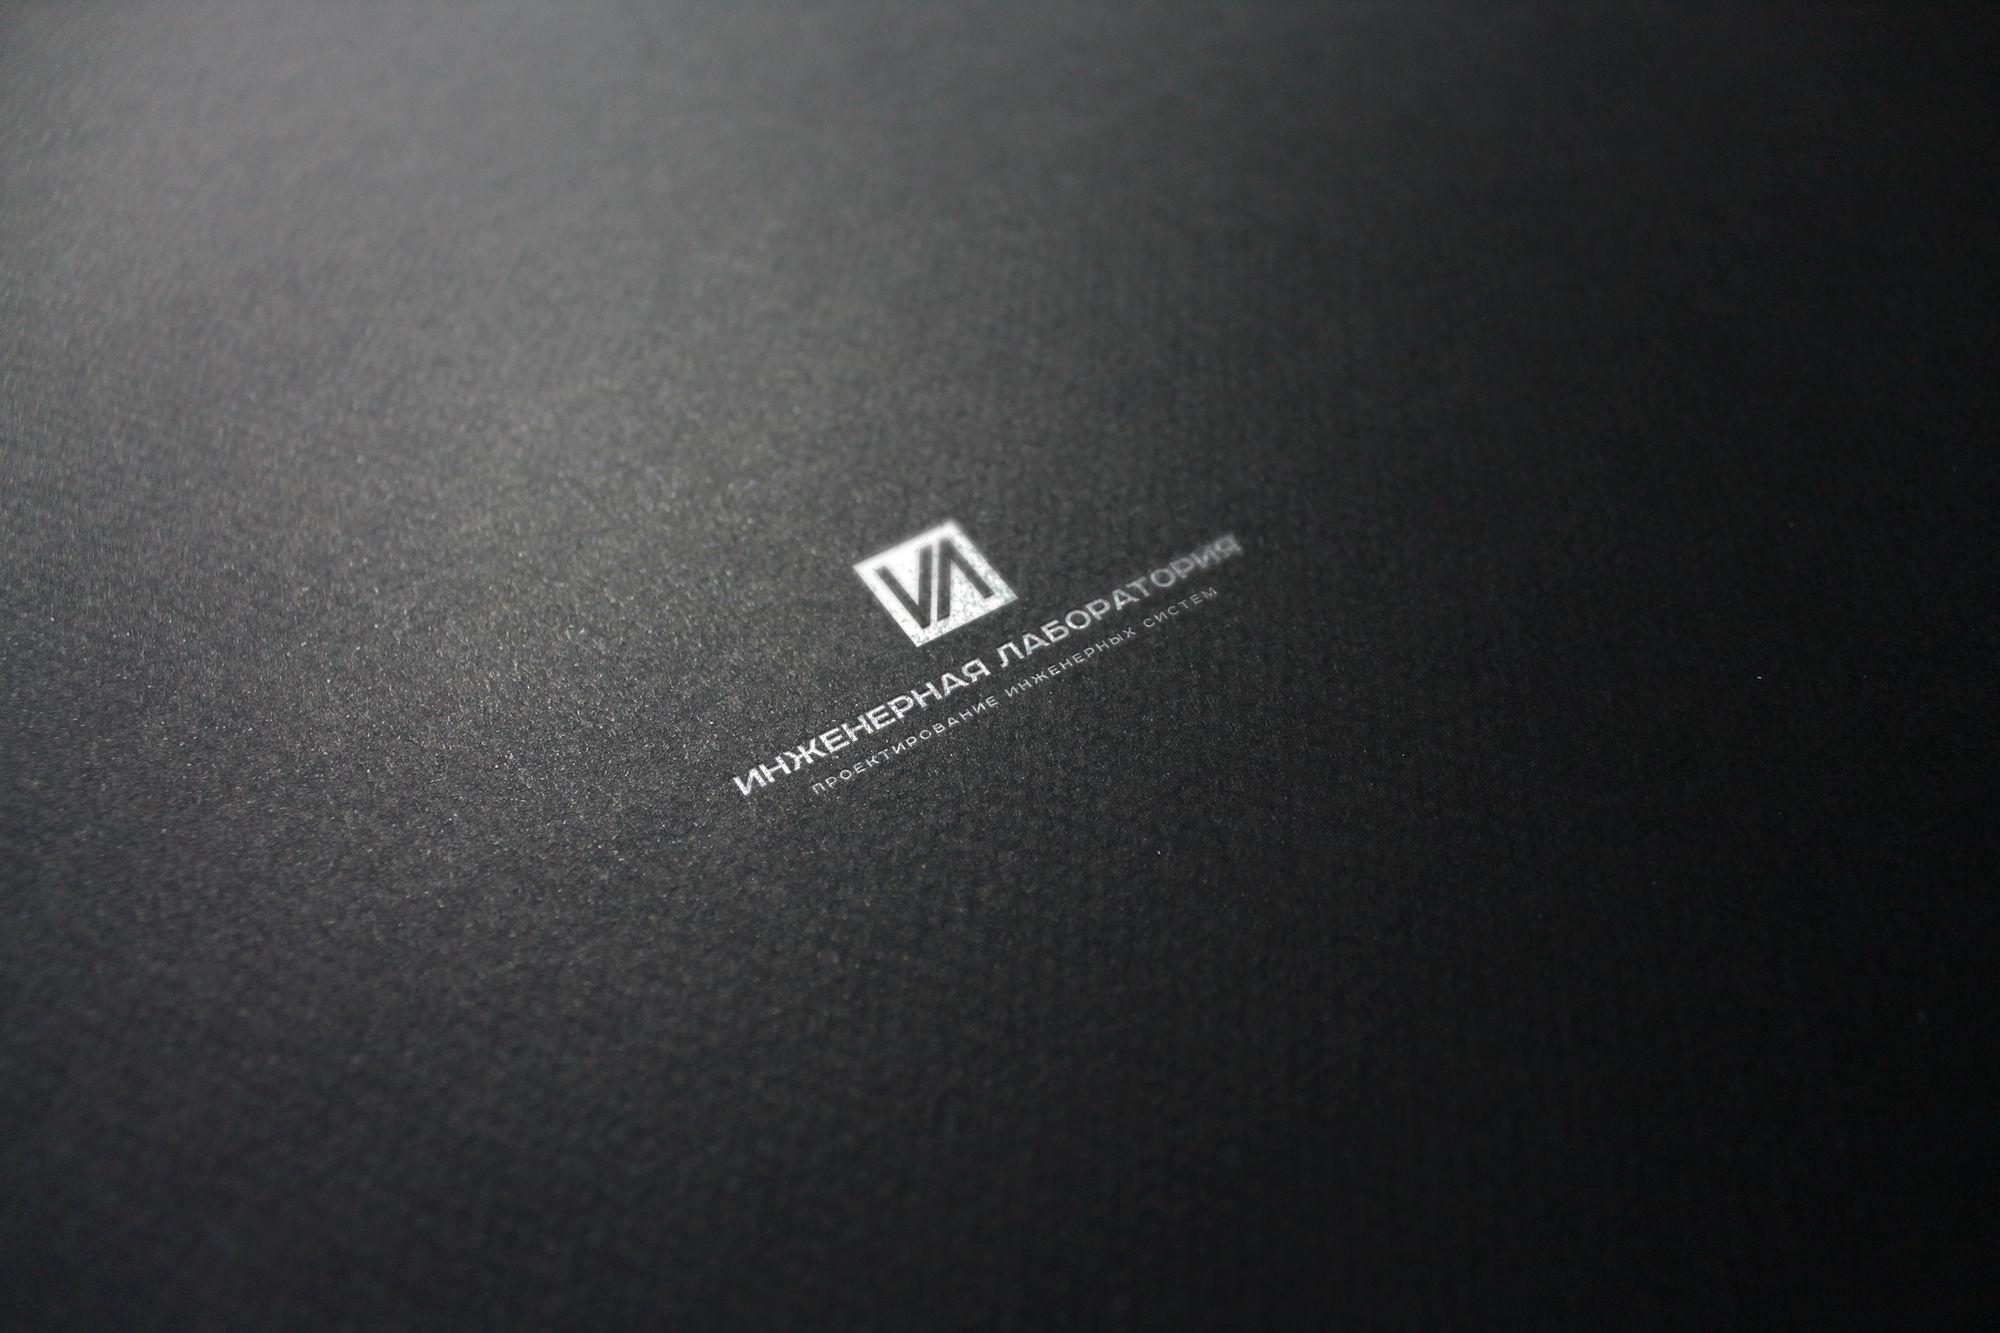 Лого и фирменный стиль для Инженерная лаборатория  - дизайнер U4po4mak